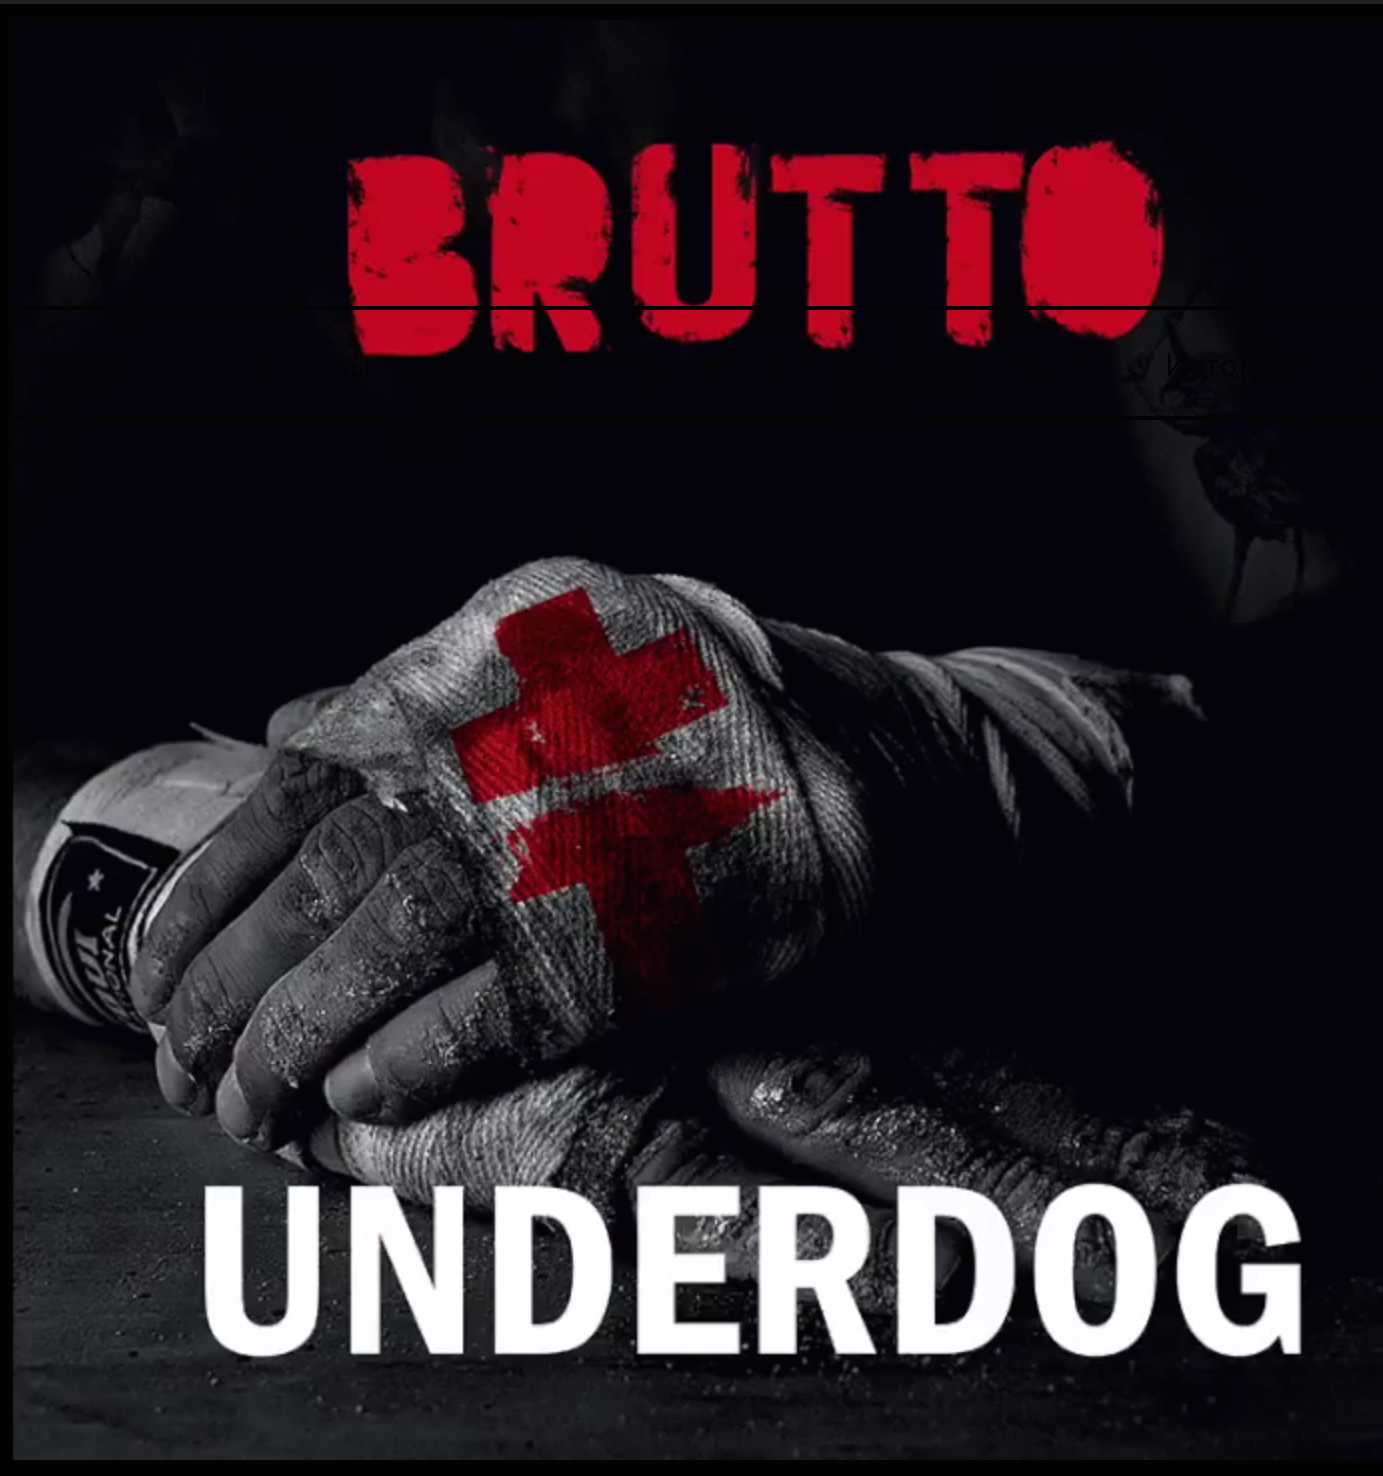 brutto underdog cover обложка